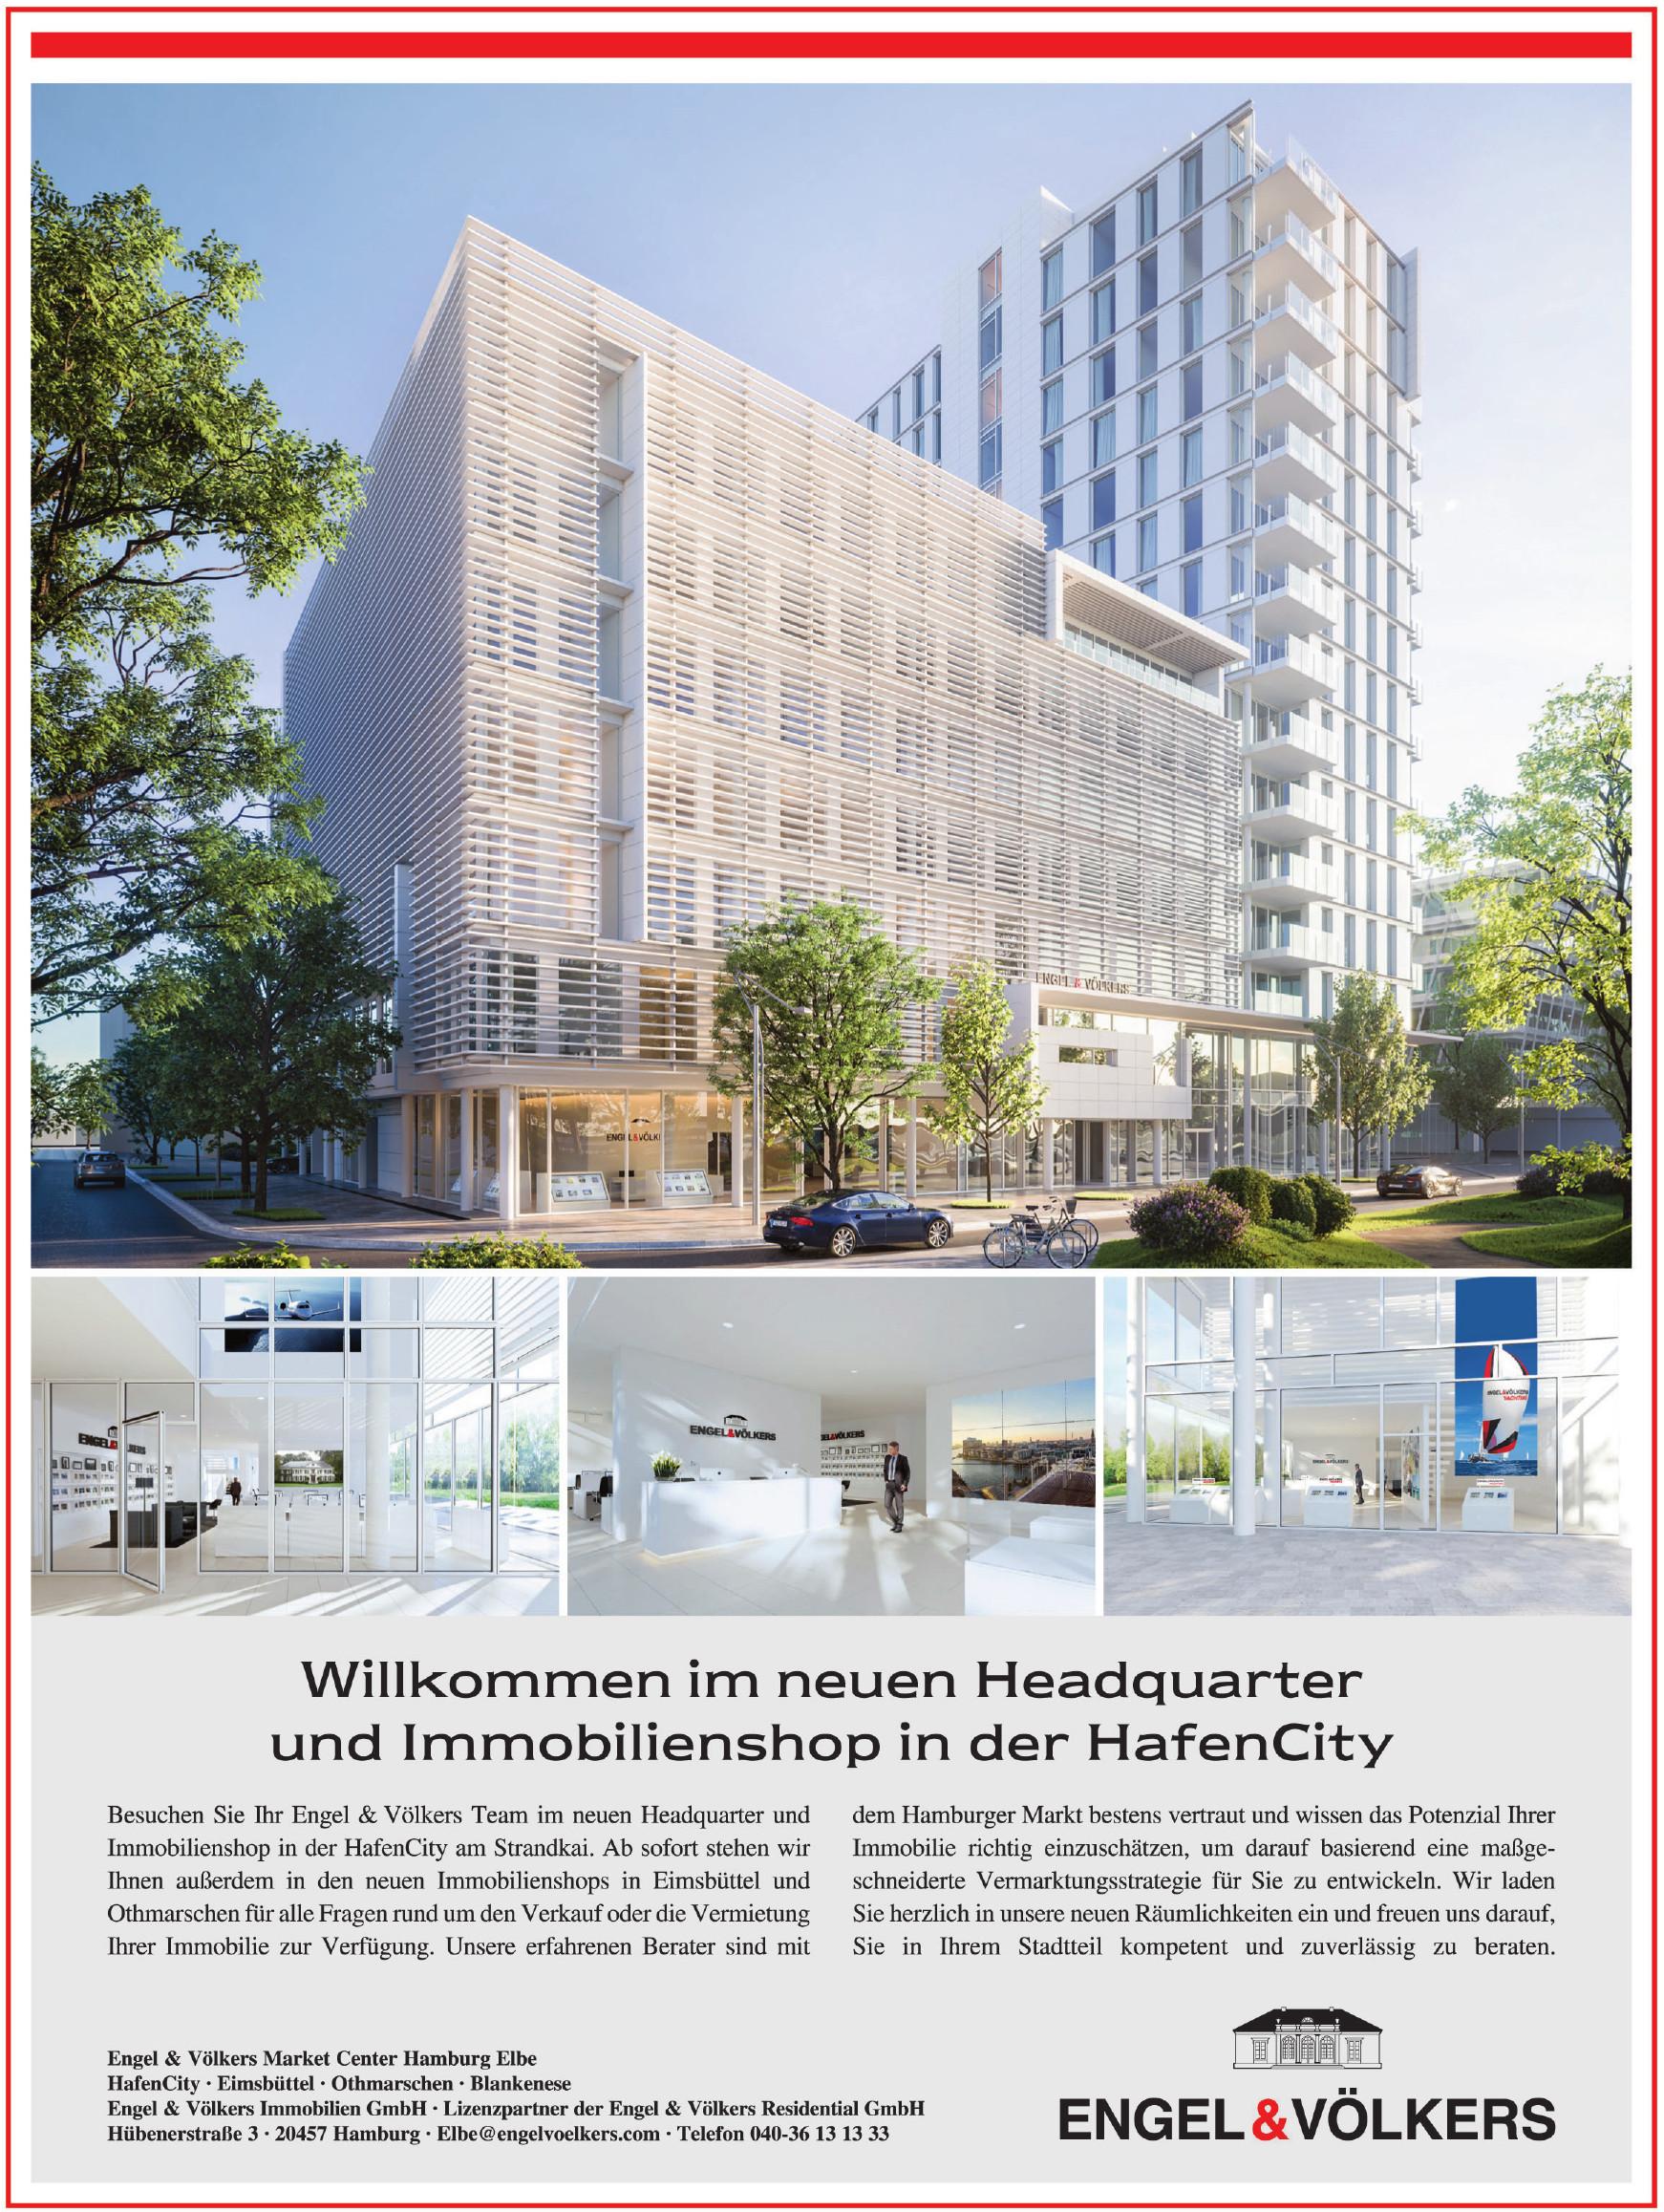 Engel & Völkers Immobilien GmbH